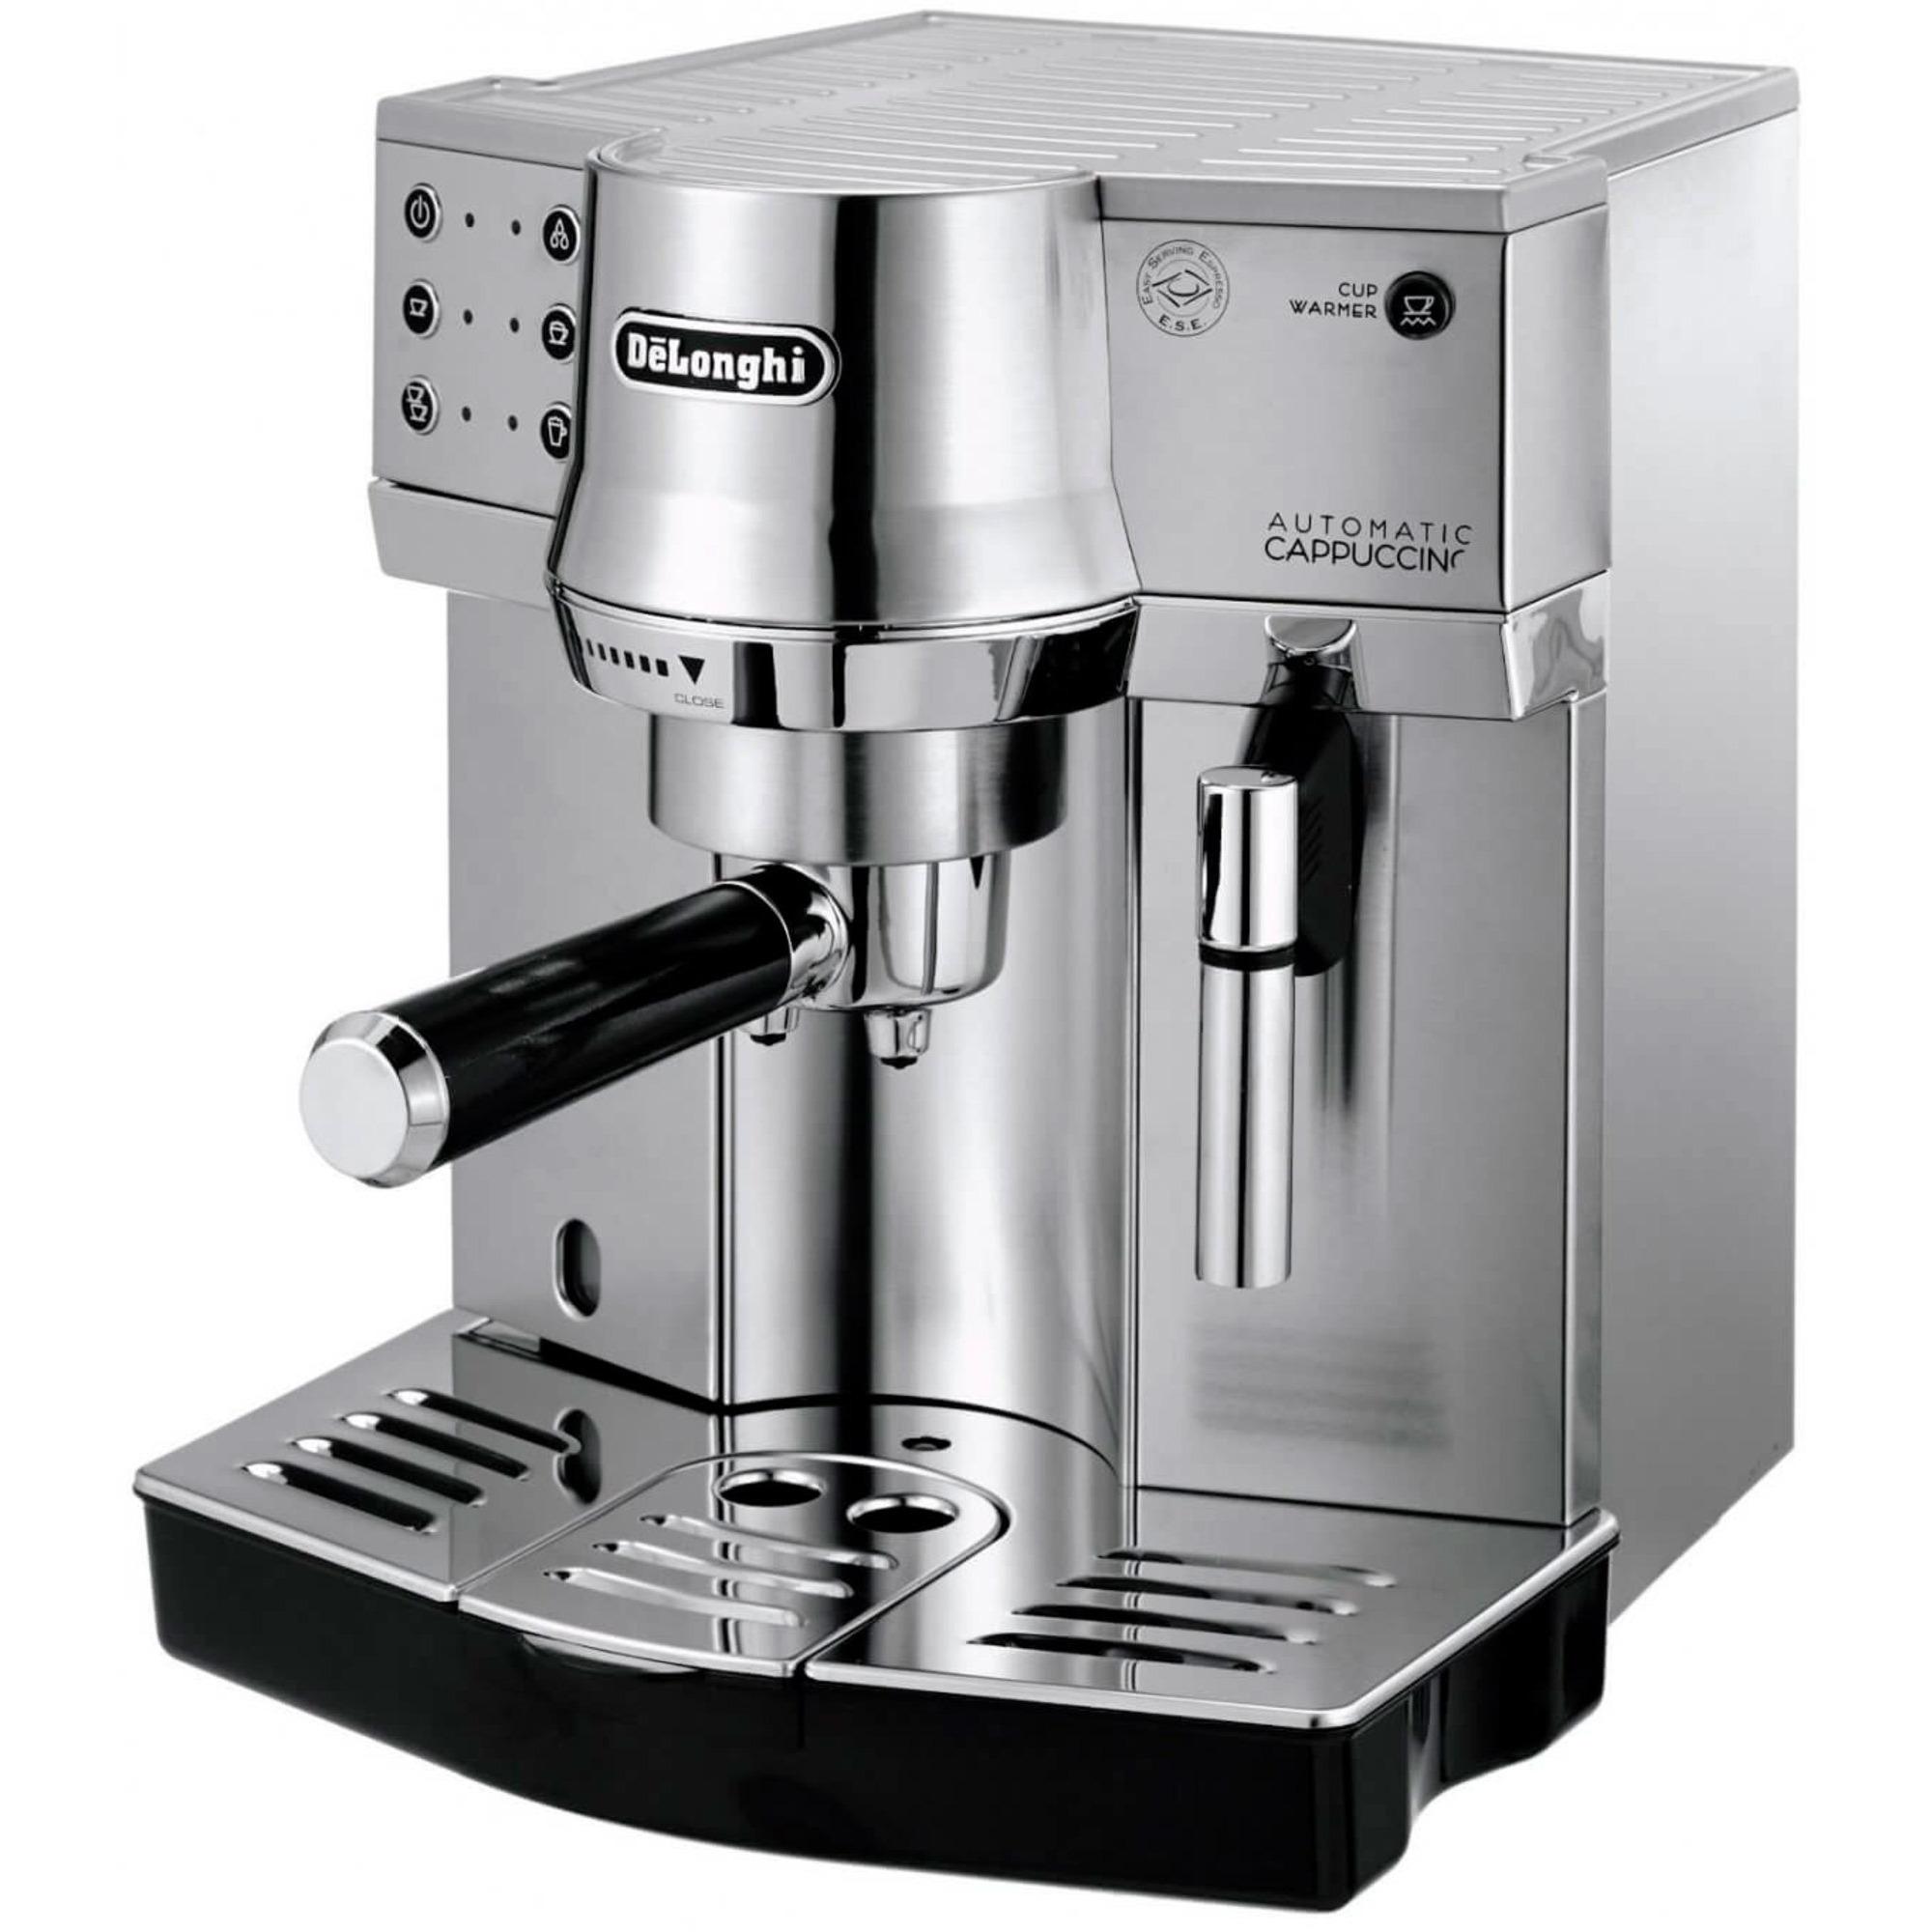 DeLonghi EC 860.M Espressomaskin